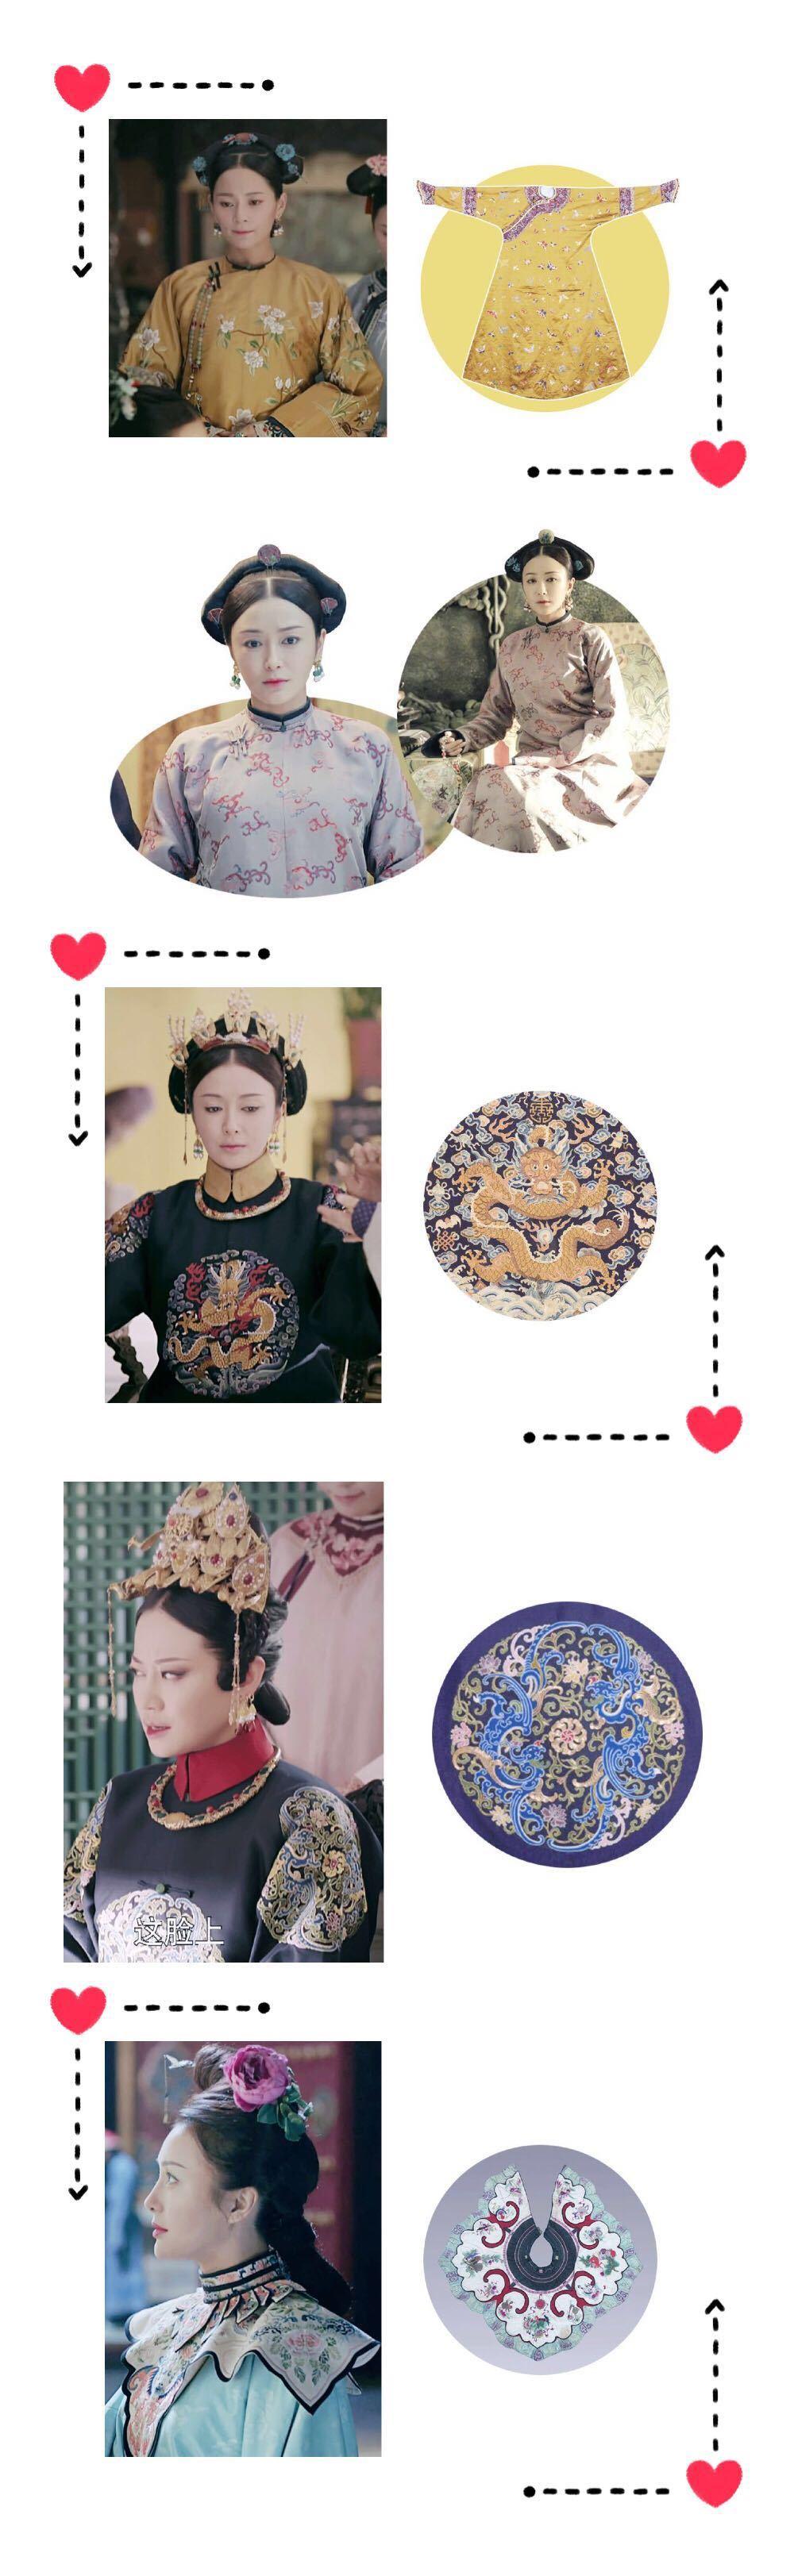 热点丨《延禧攻略》 一本清朝时尚手册